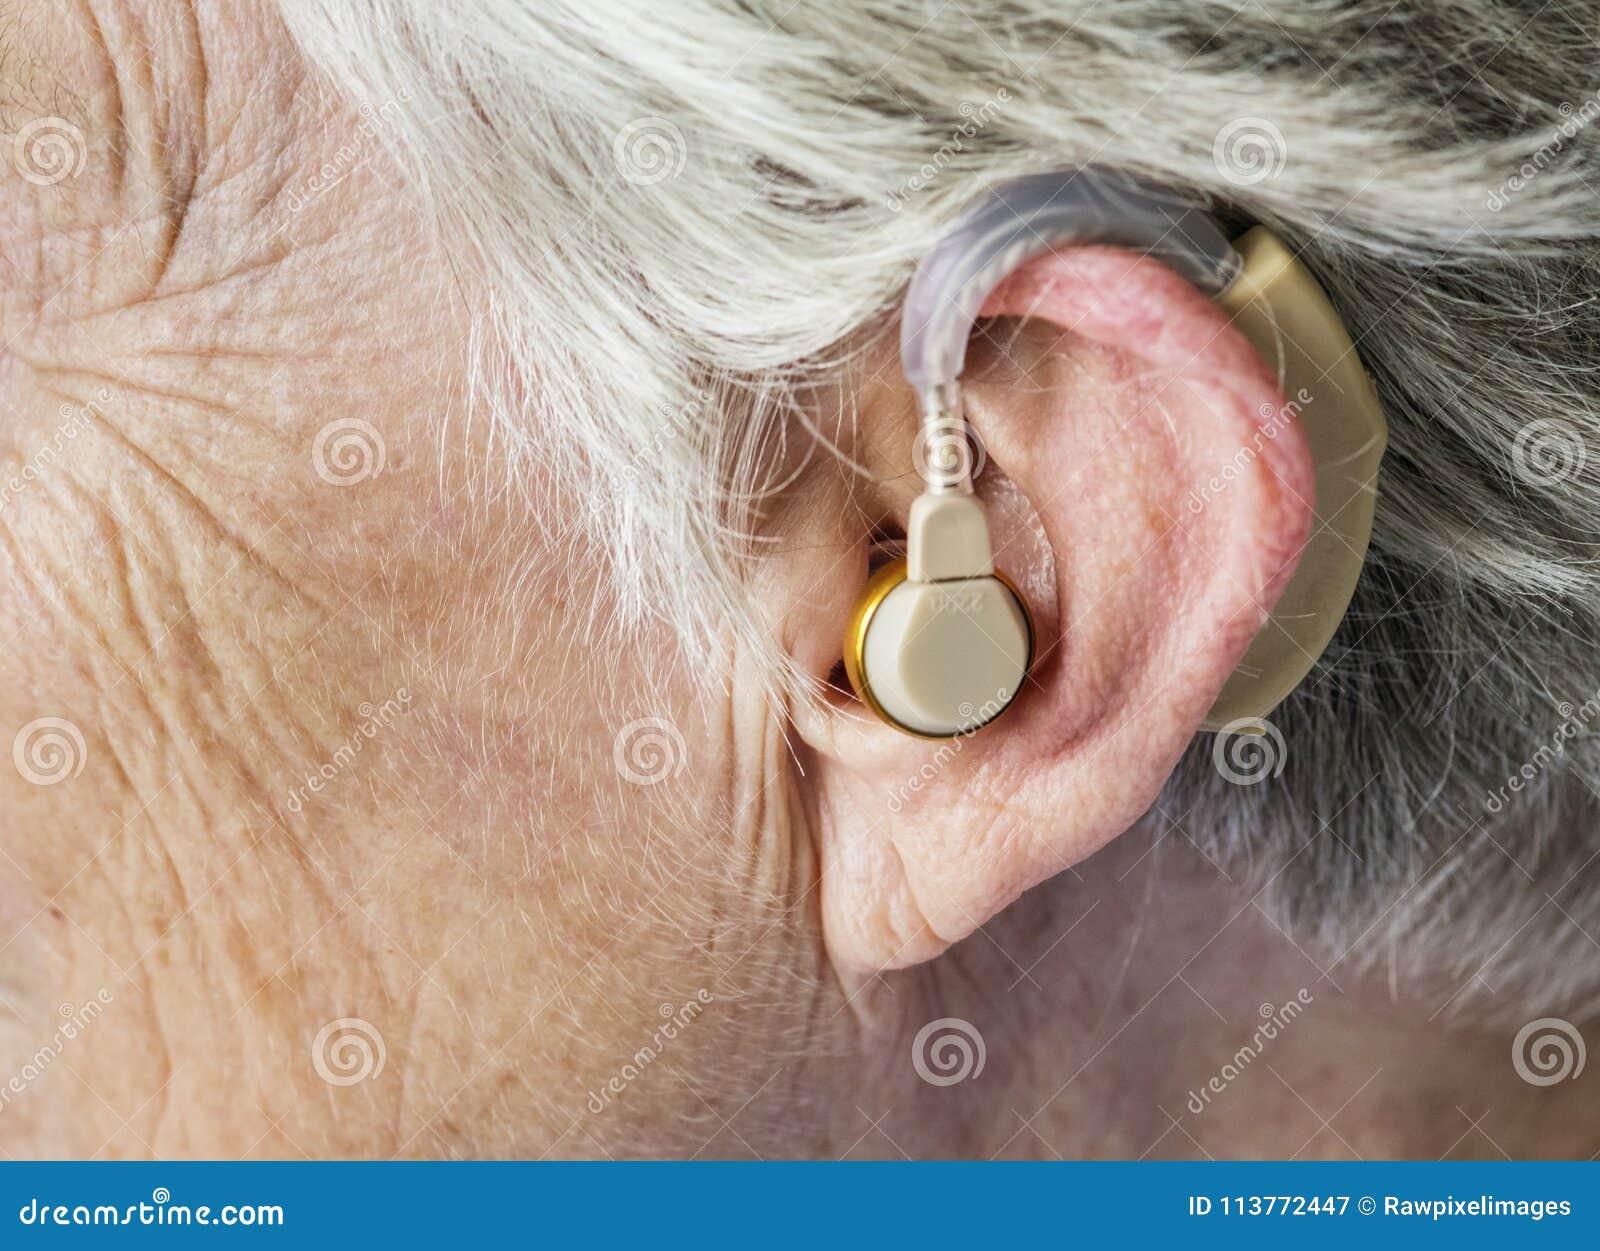 Mulher idosa que veste uma prótese auditiva